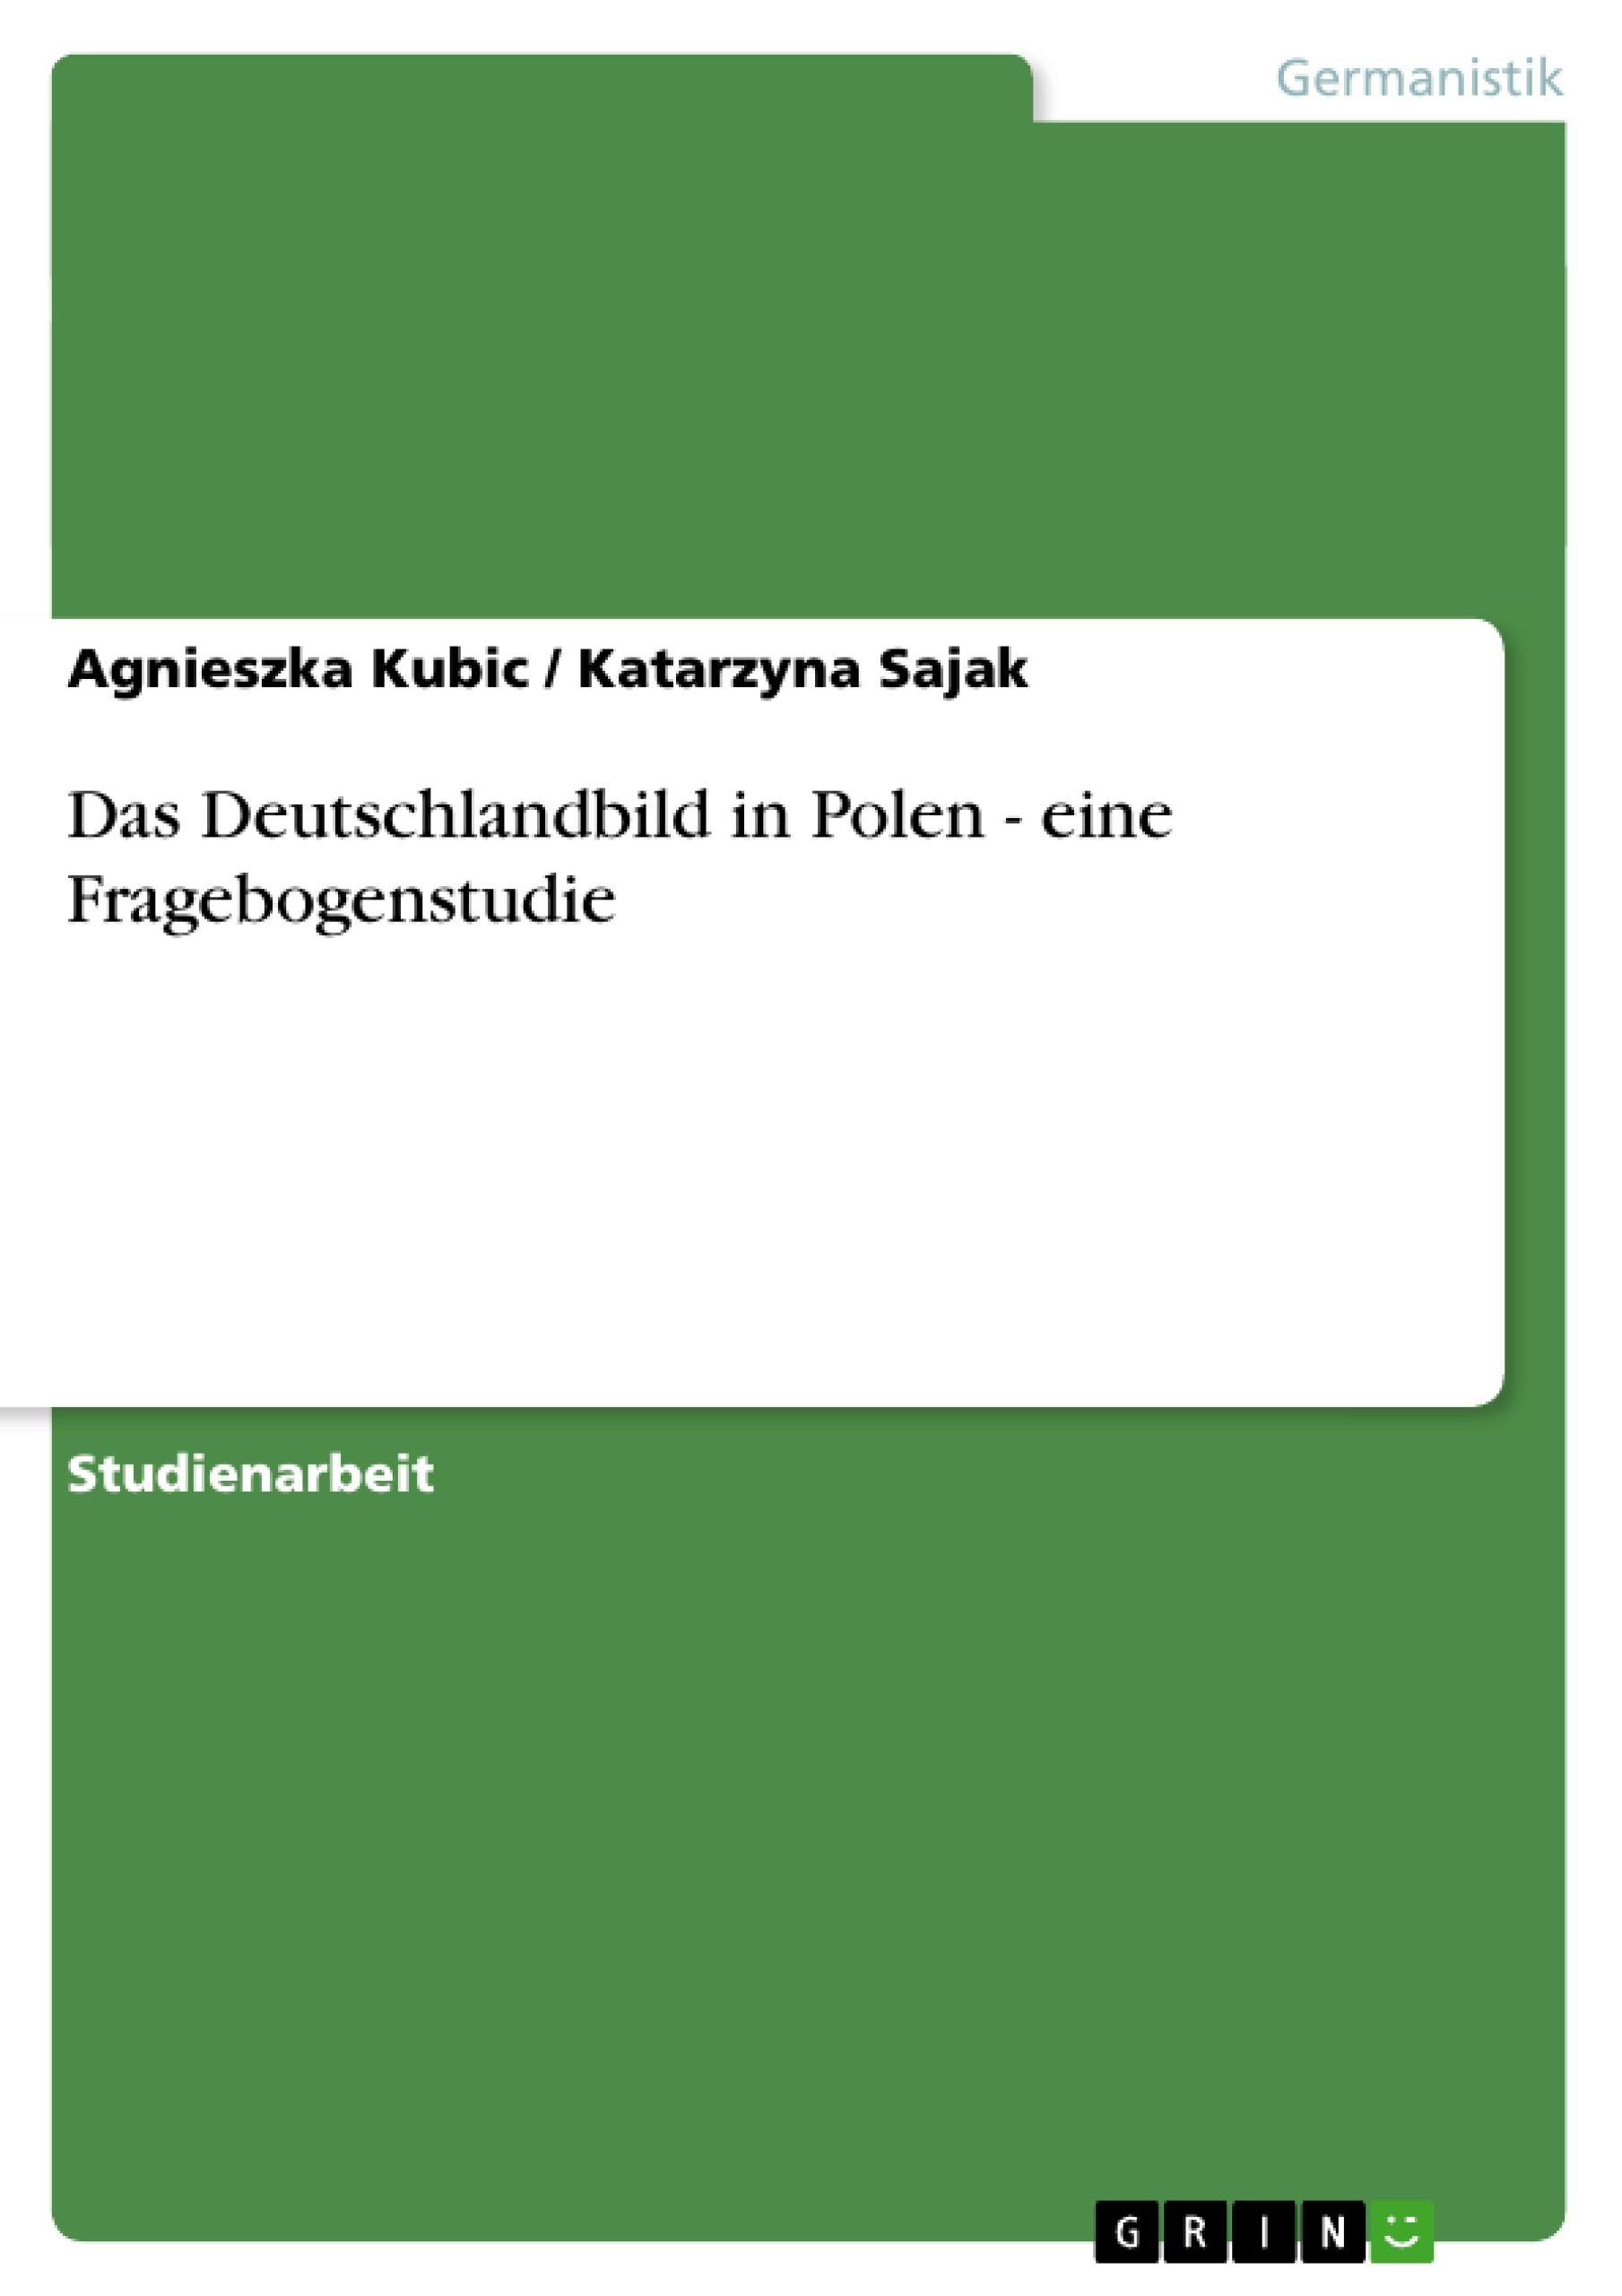 Titel: Das Deutschlandbild in Polen - eine Fragebogenstudie